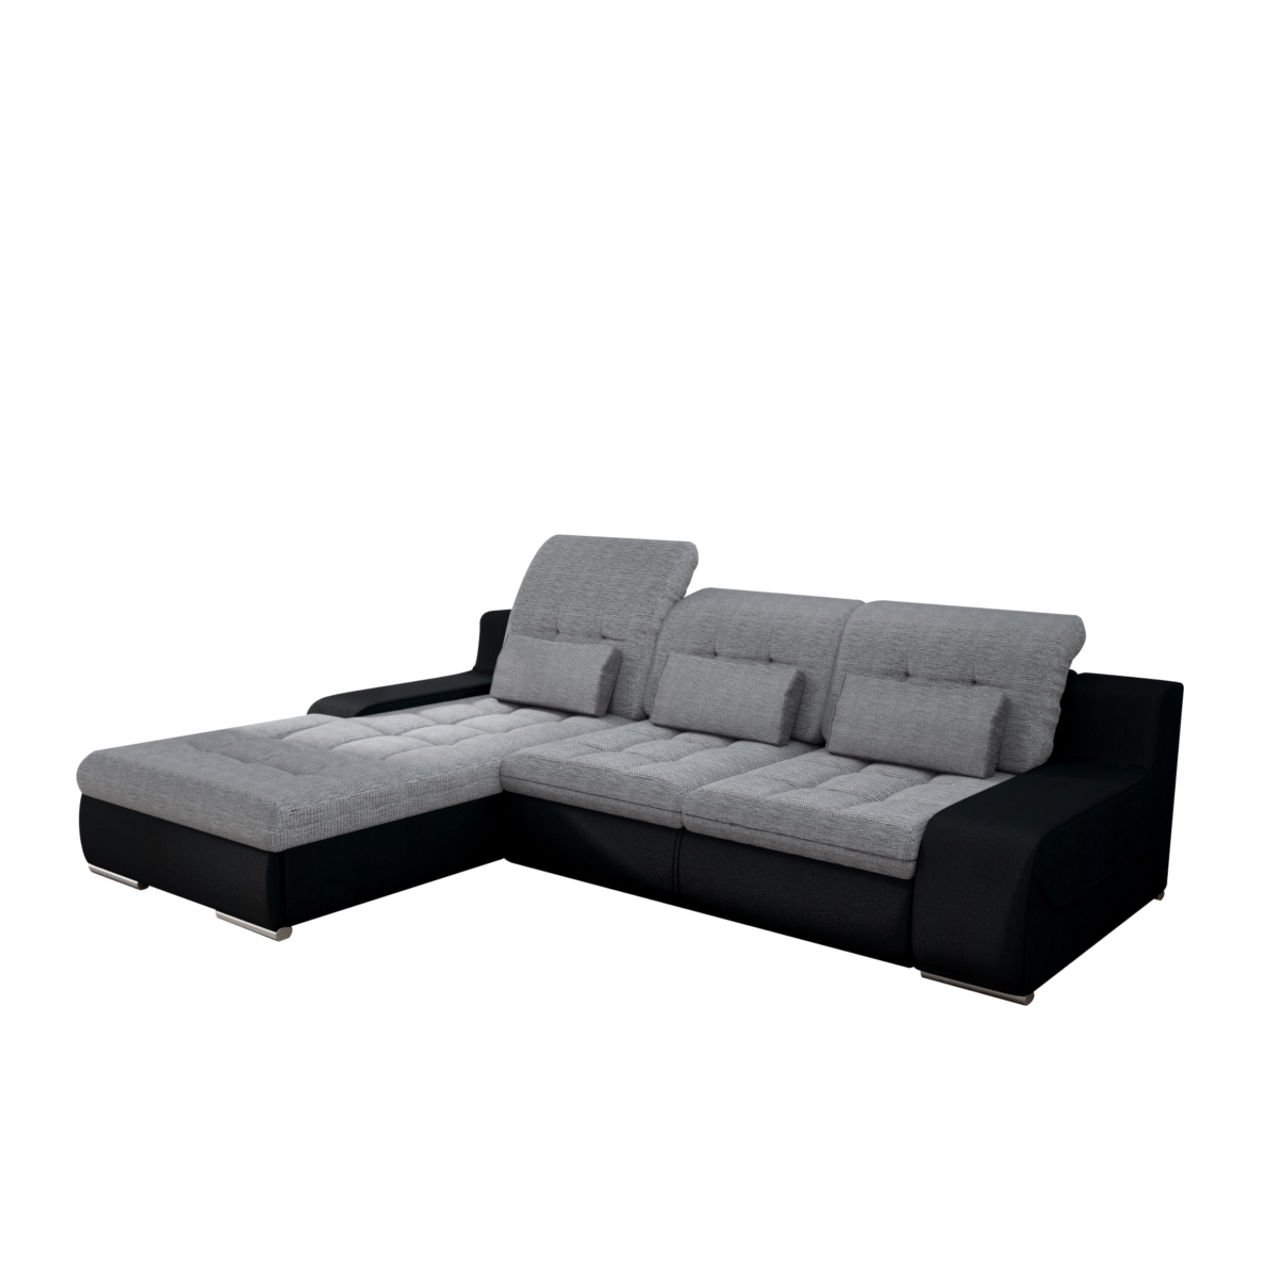 schlafsofa mit bettkasten gnstig gallery of schlafsofa mit bettkasten modus tisch farben with. Black Bedroom Furniture Sets. Home Design Ideas